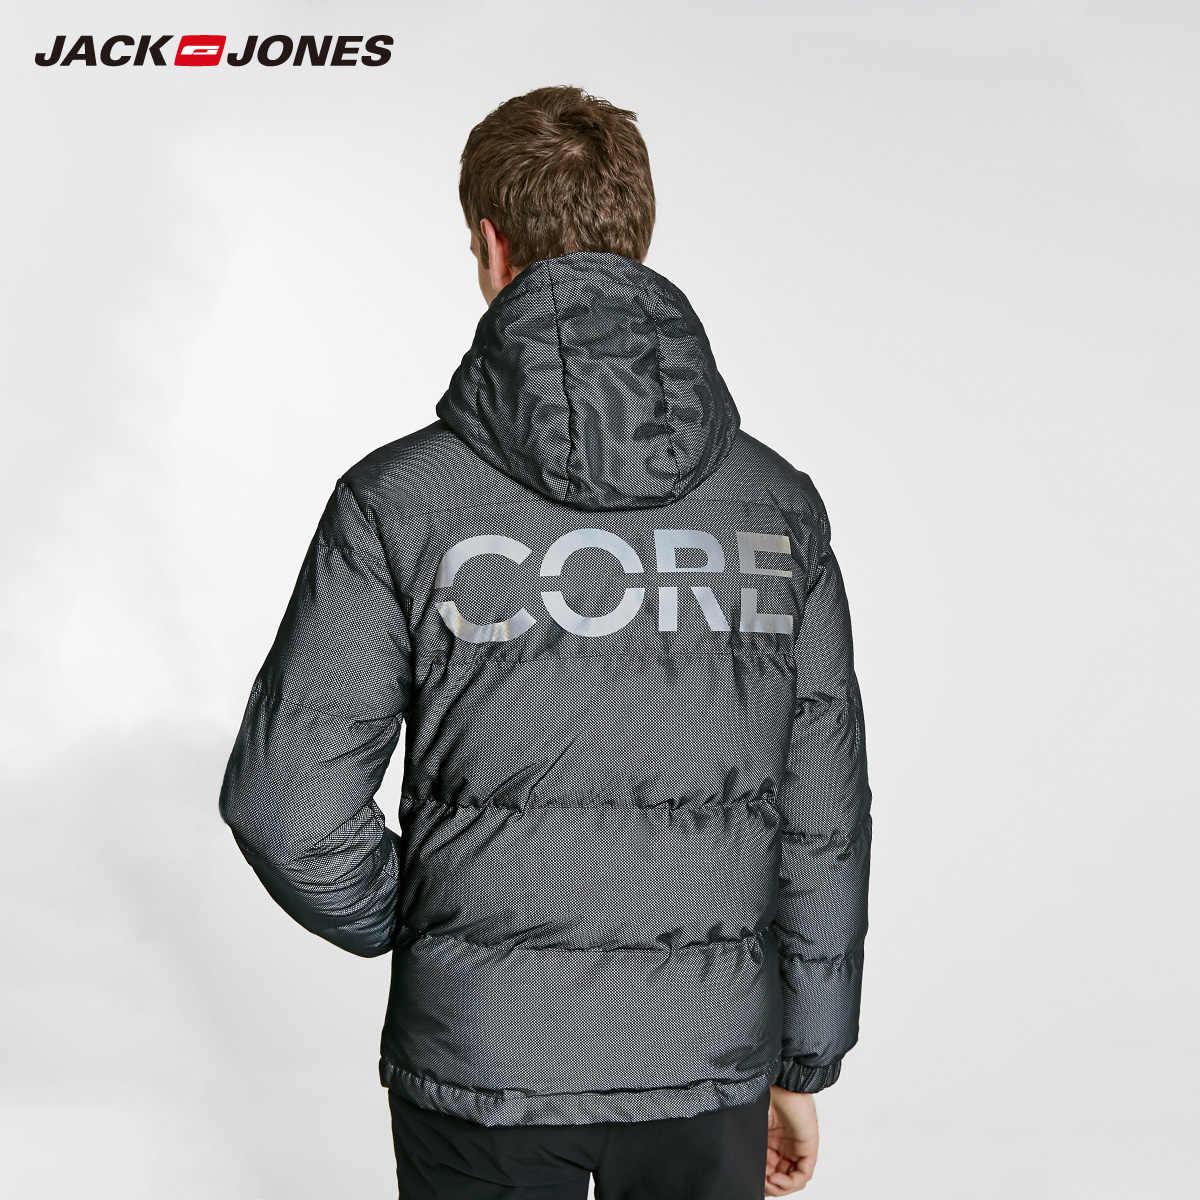 Jack Jones Nam Có Mũ Ấm Áp Xuống Ngắn Áo Khoác | 218412538